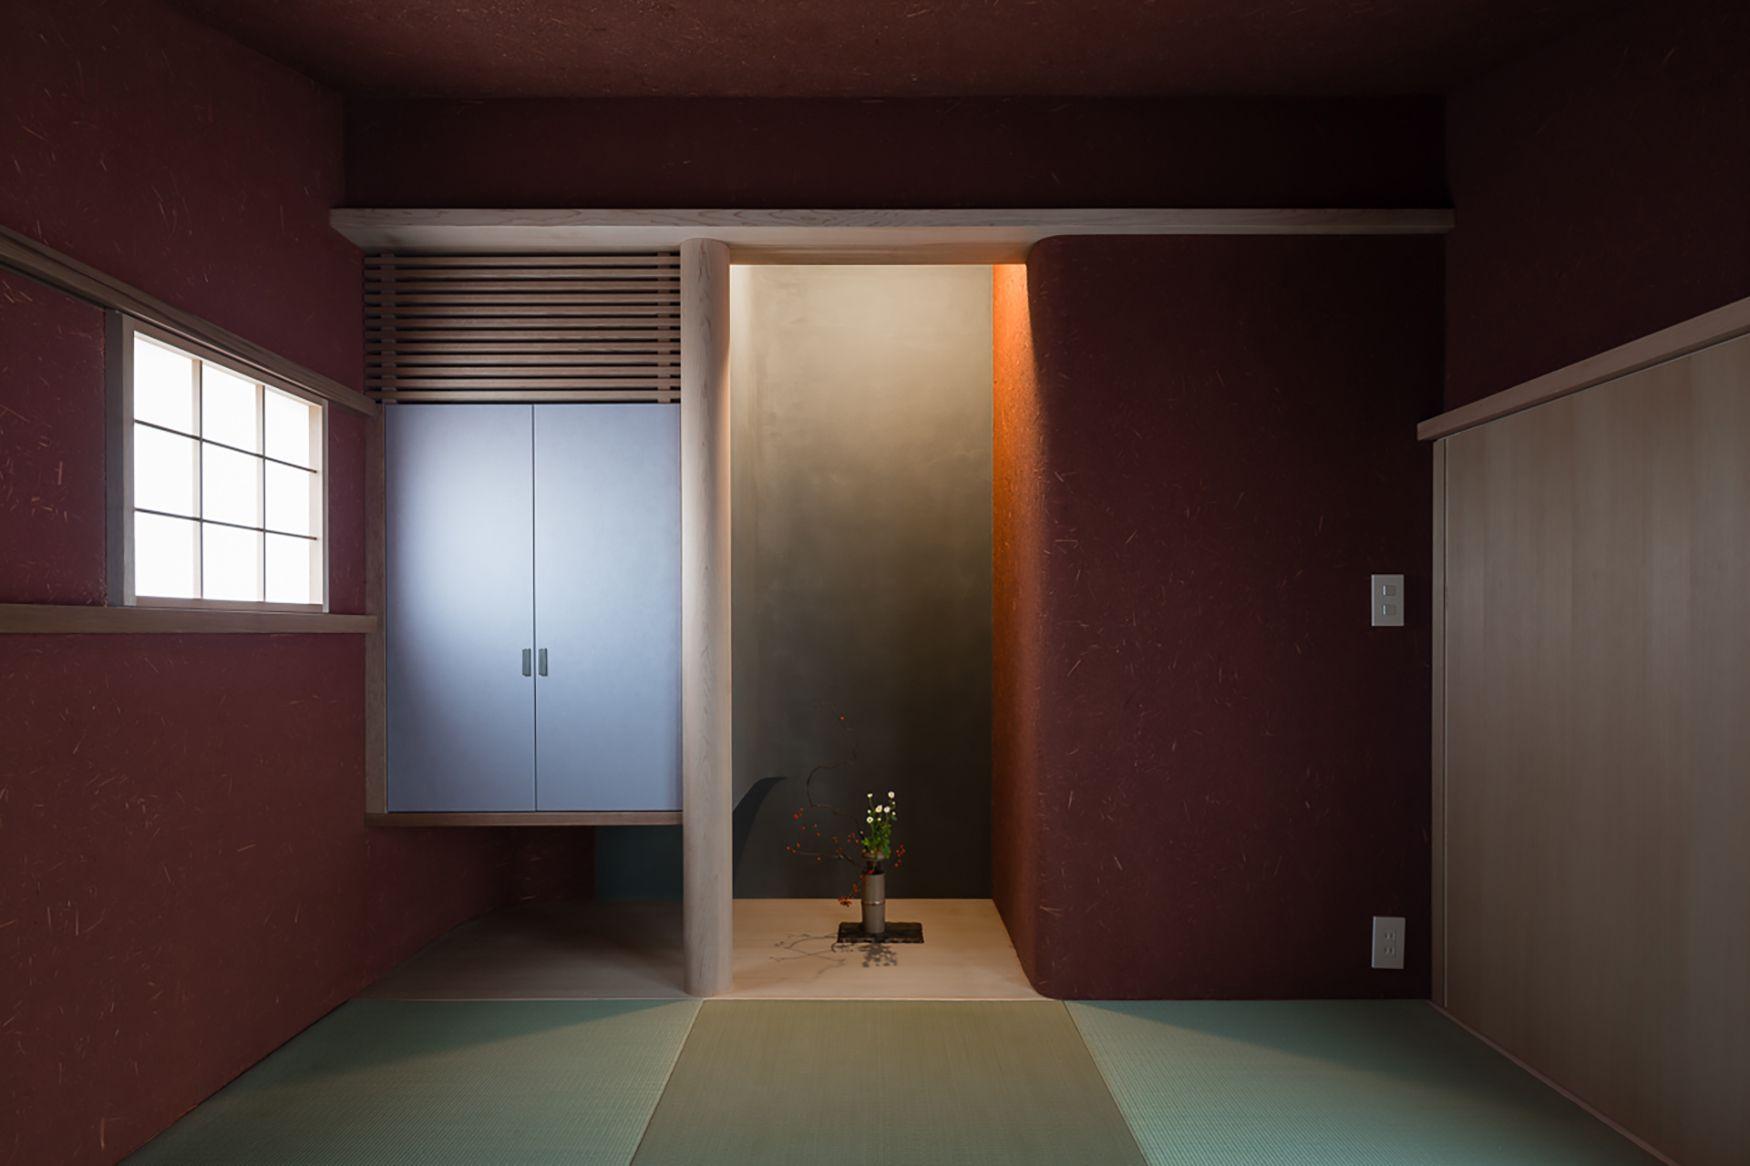 土塗の家【照井康穂建築設計事務所】和室